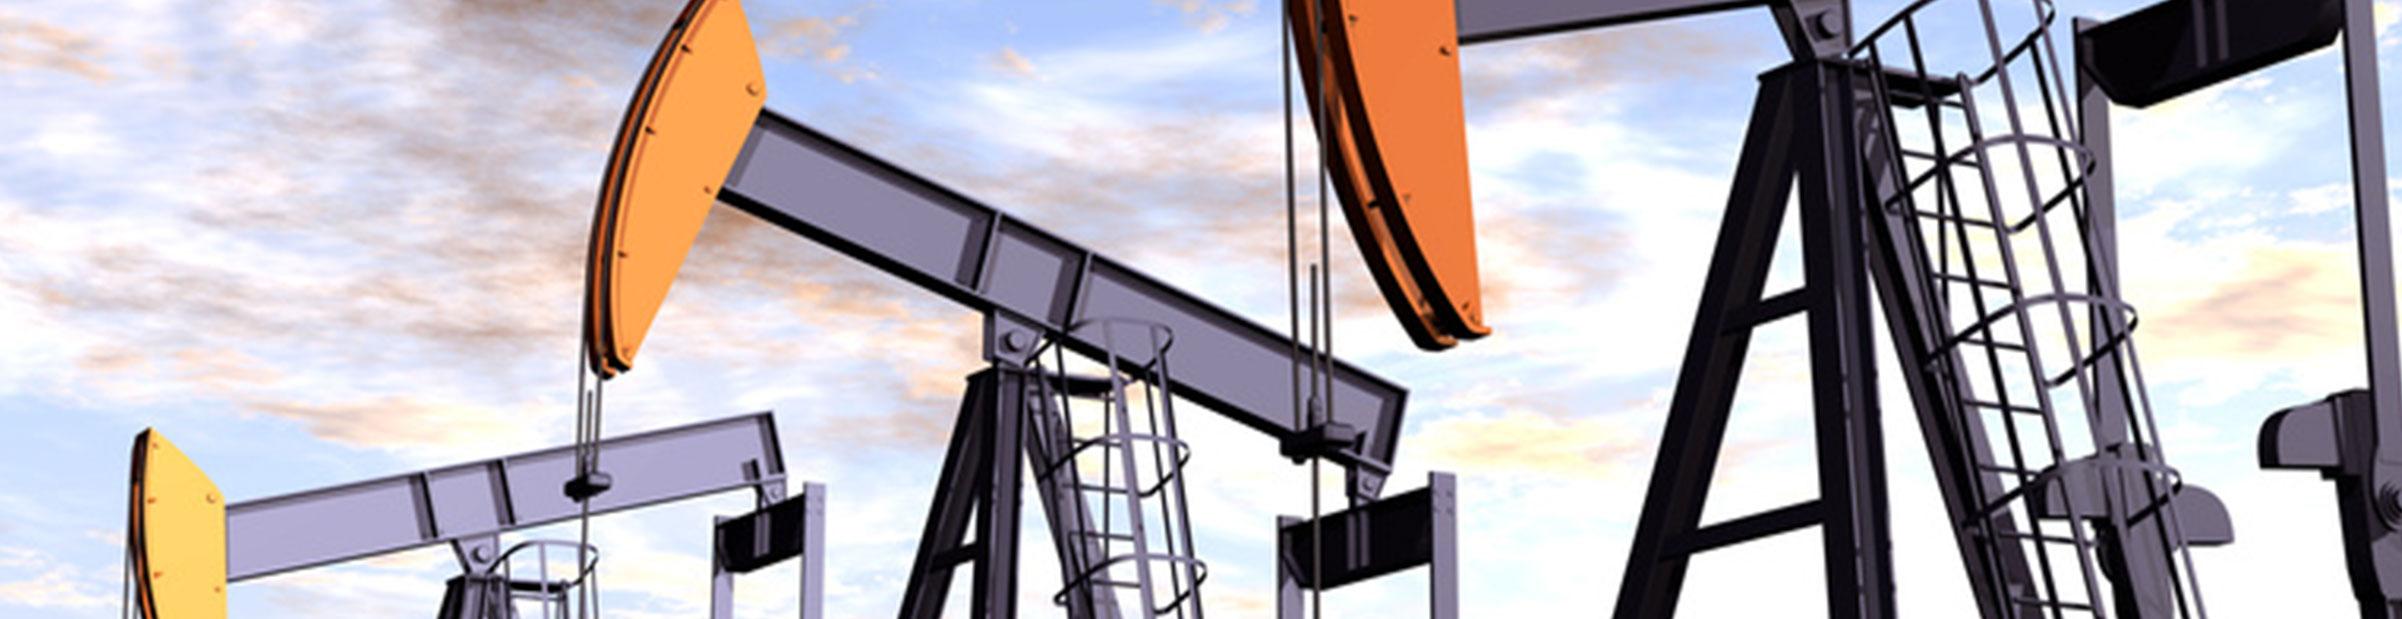 油井管(ERW)API規格対応